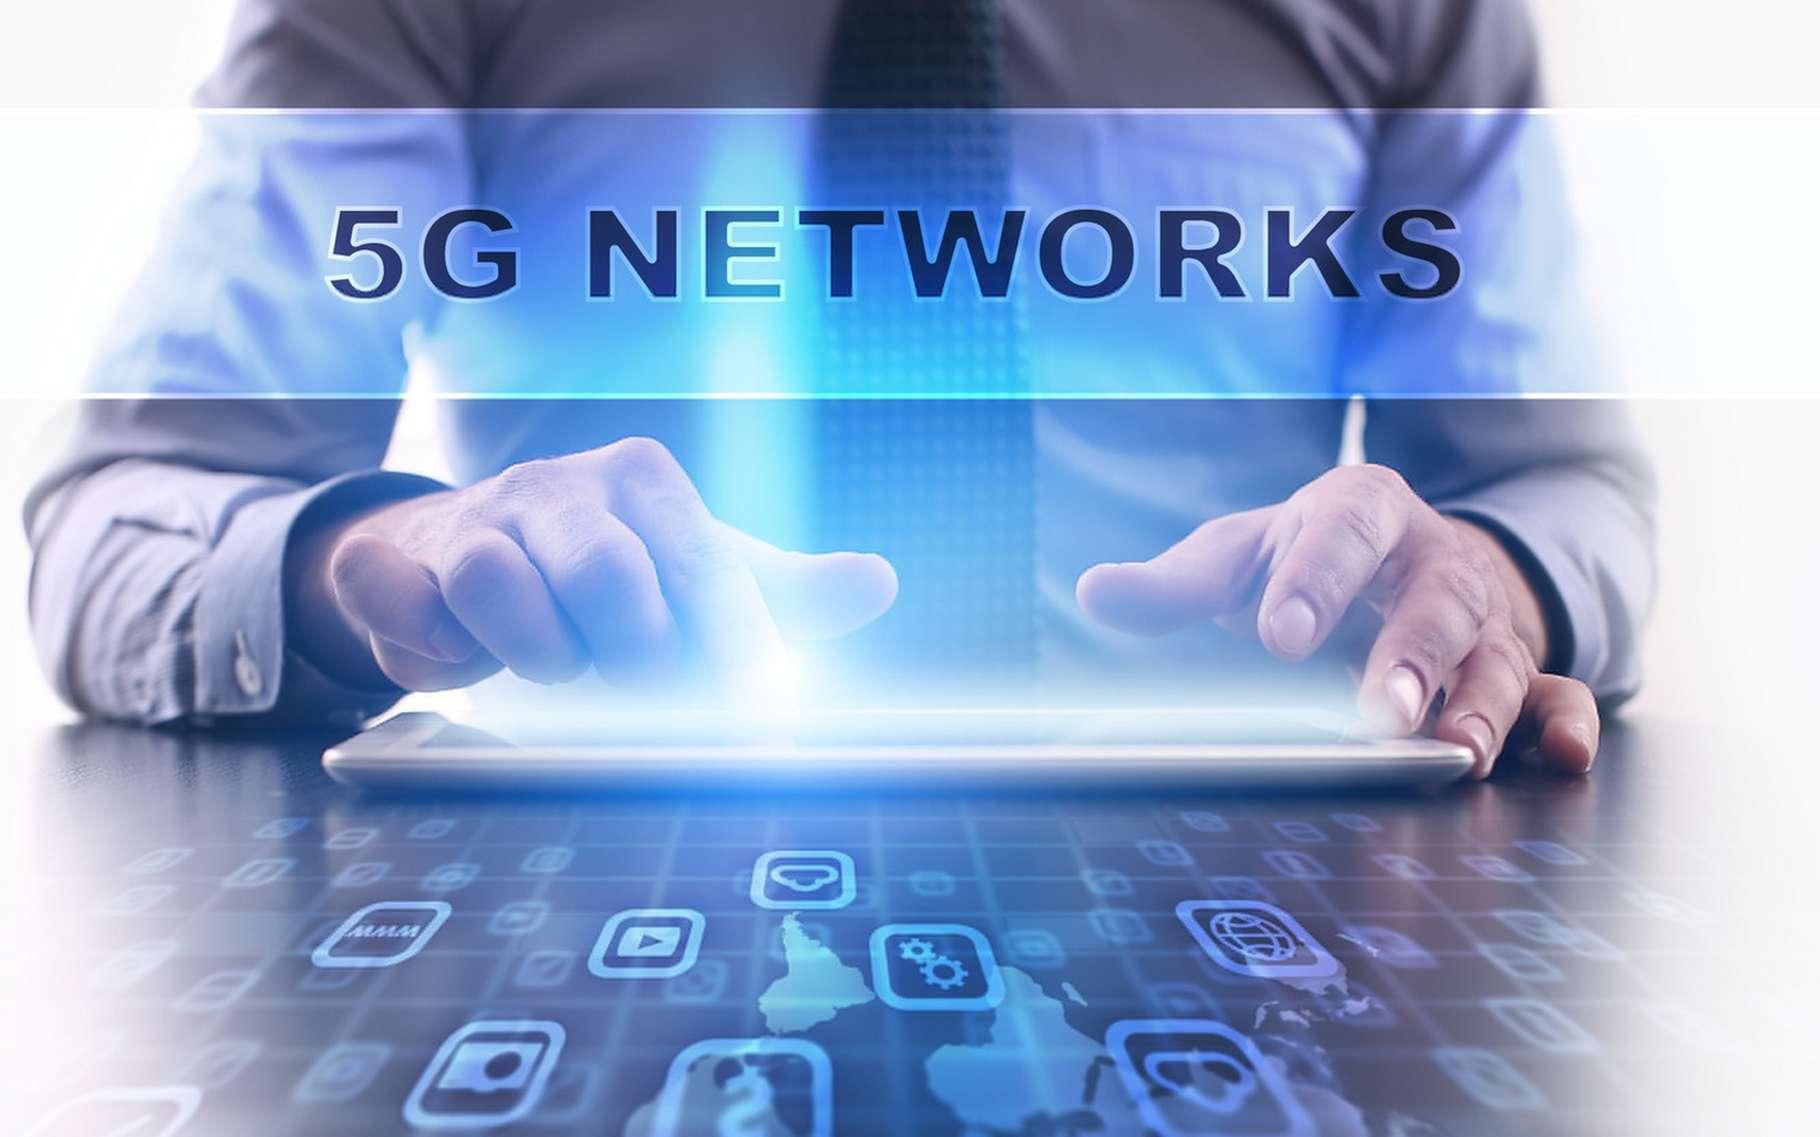 La 5G fait l'objet de nombreuses expérimentations de la part des opérateurs de téléphonie, des équipementiers et des fabricants de puces de communication. Pour le moment, aucune norme technique ne s'est encore imposée. © WrightStudio, Fotolia